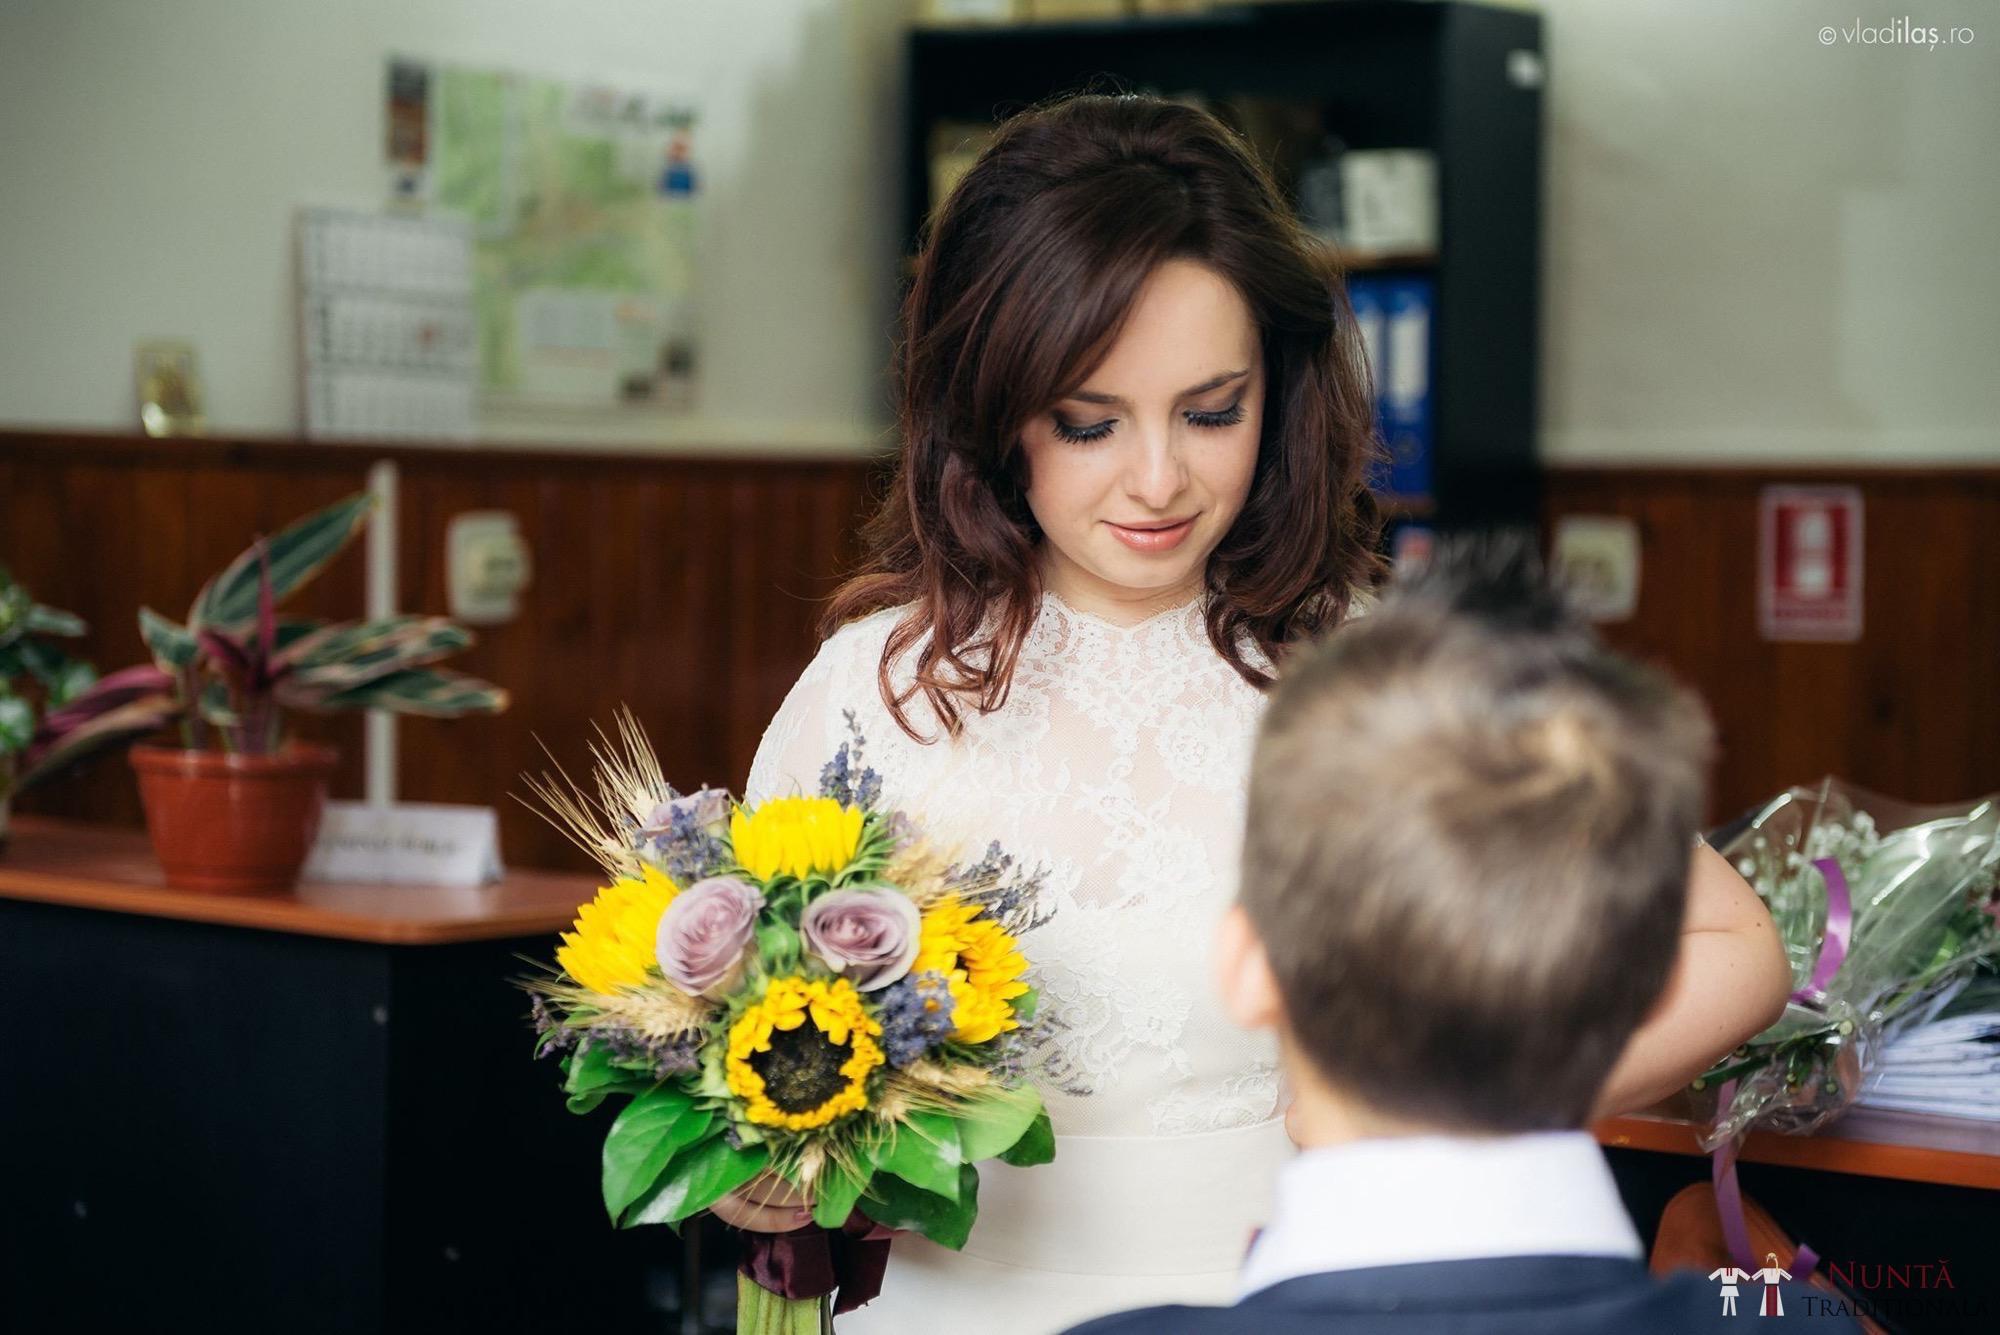 Povești Nunți Tradiționale - Oana și Sergiu - Nuntă tradițională-n Pojorâta, Bucovina 44